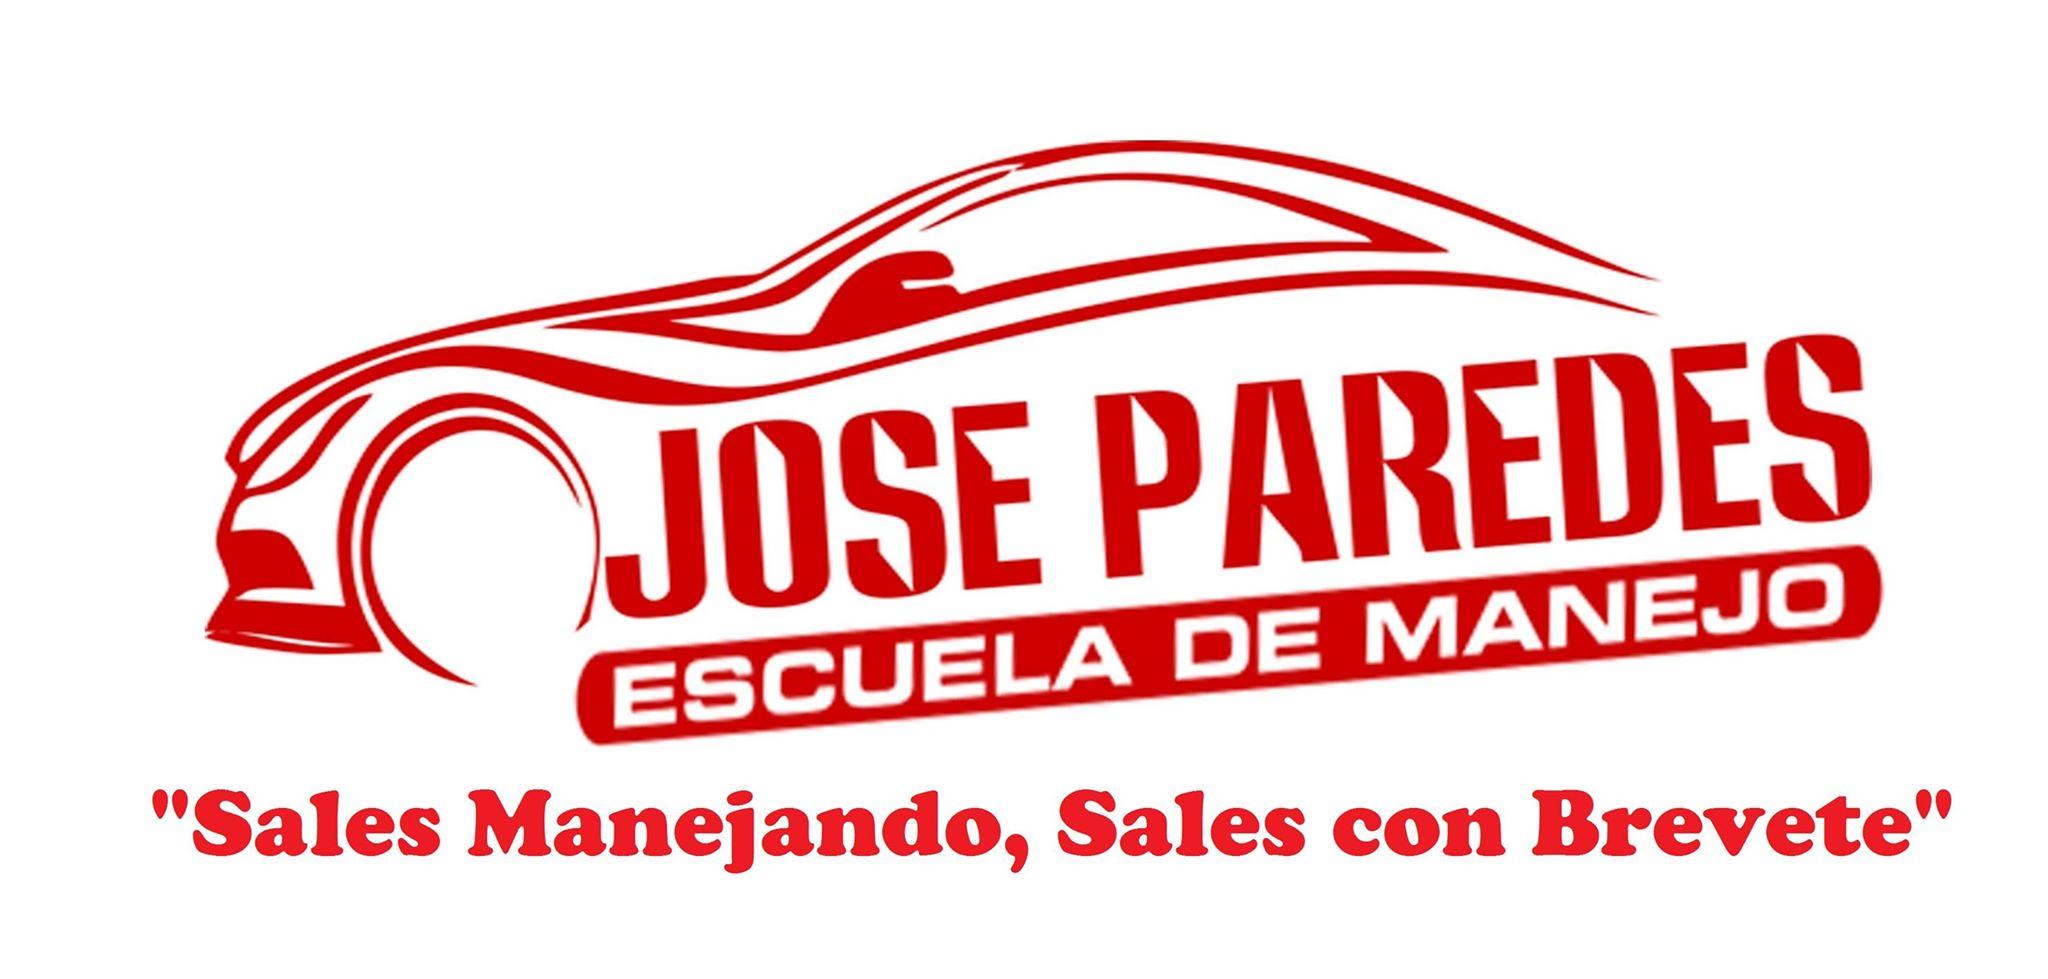 Escuela de manejo José Paredes